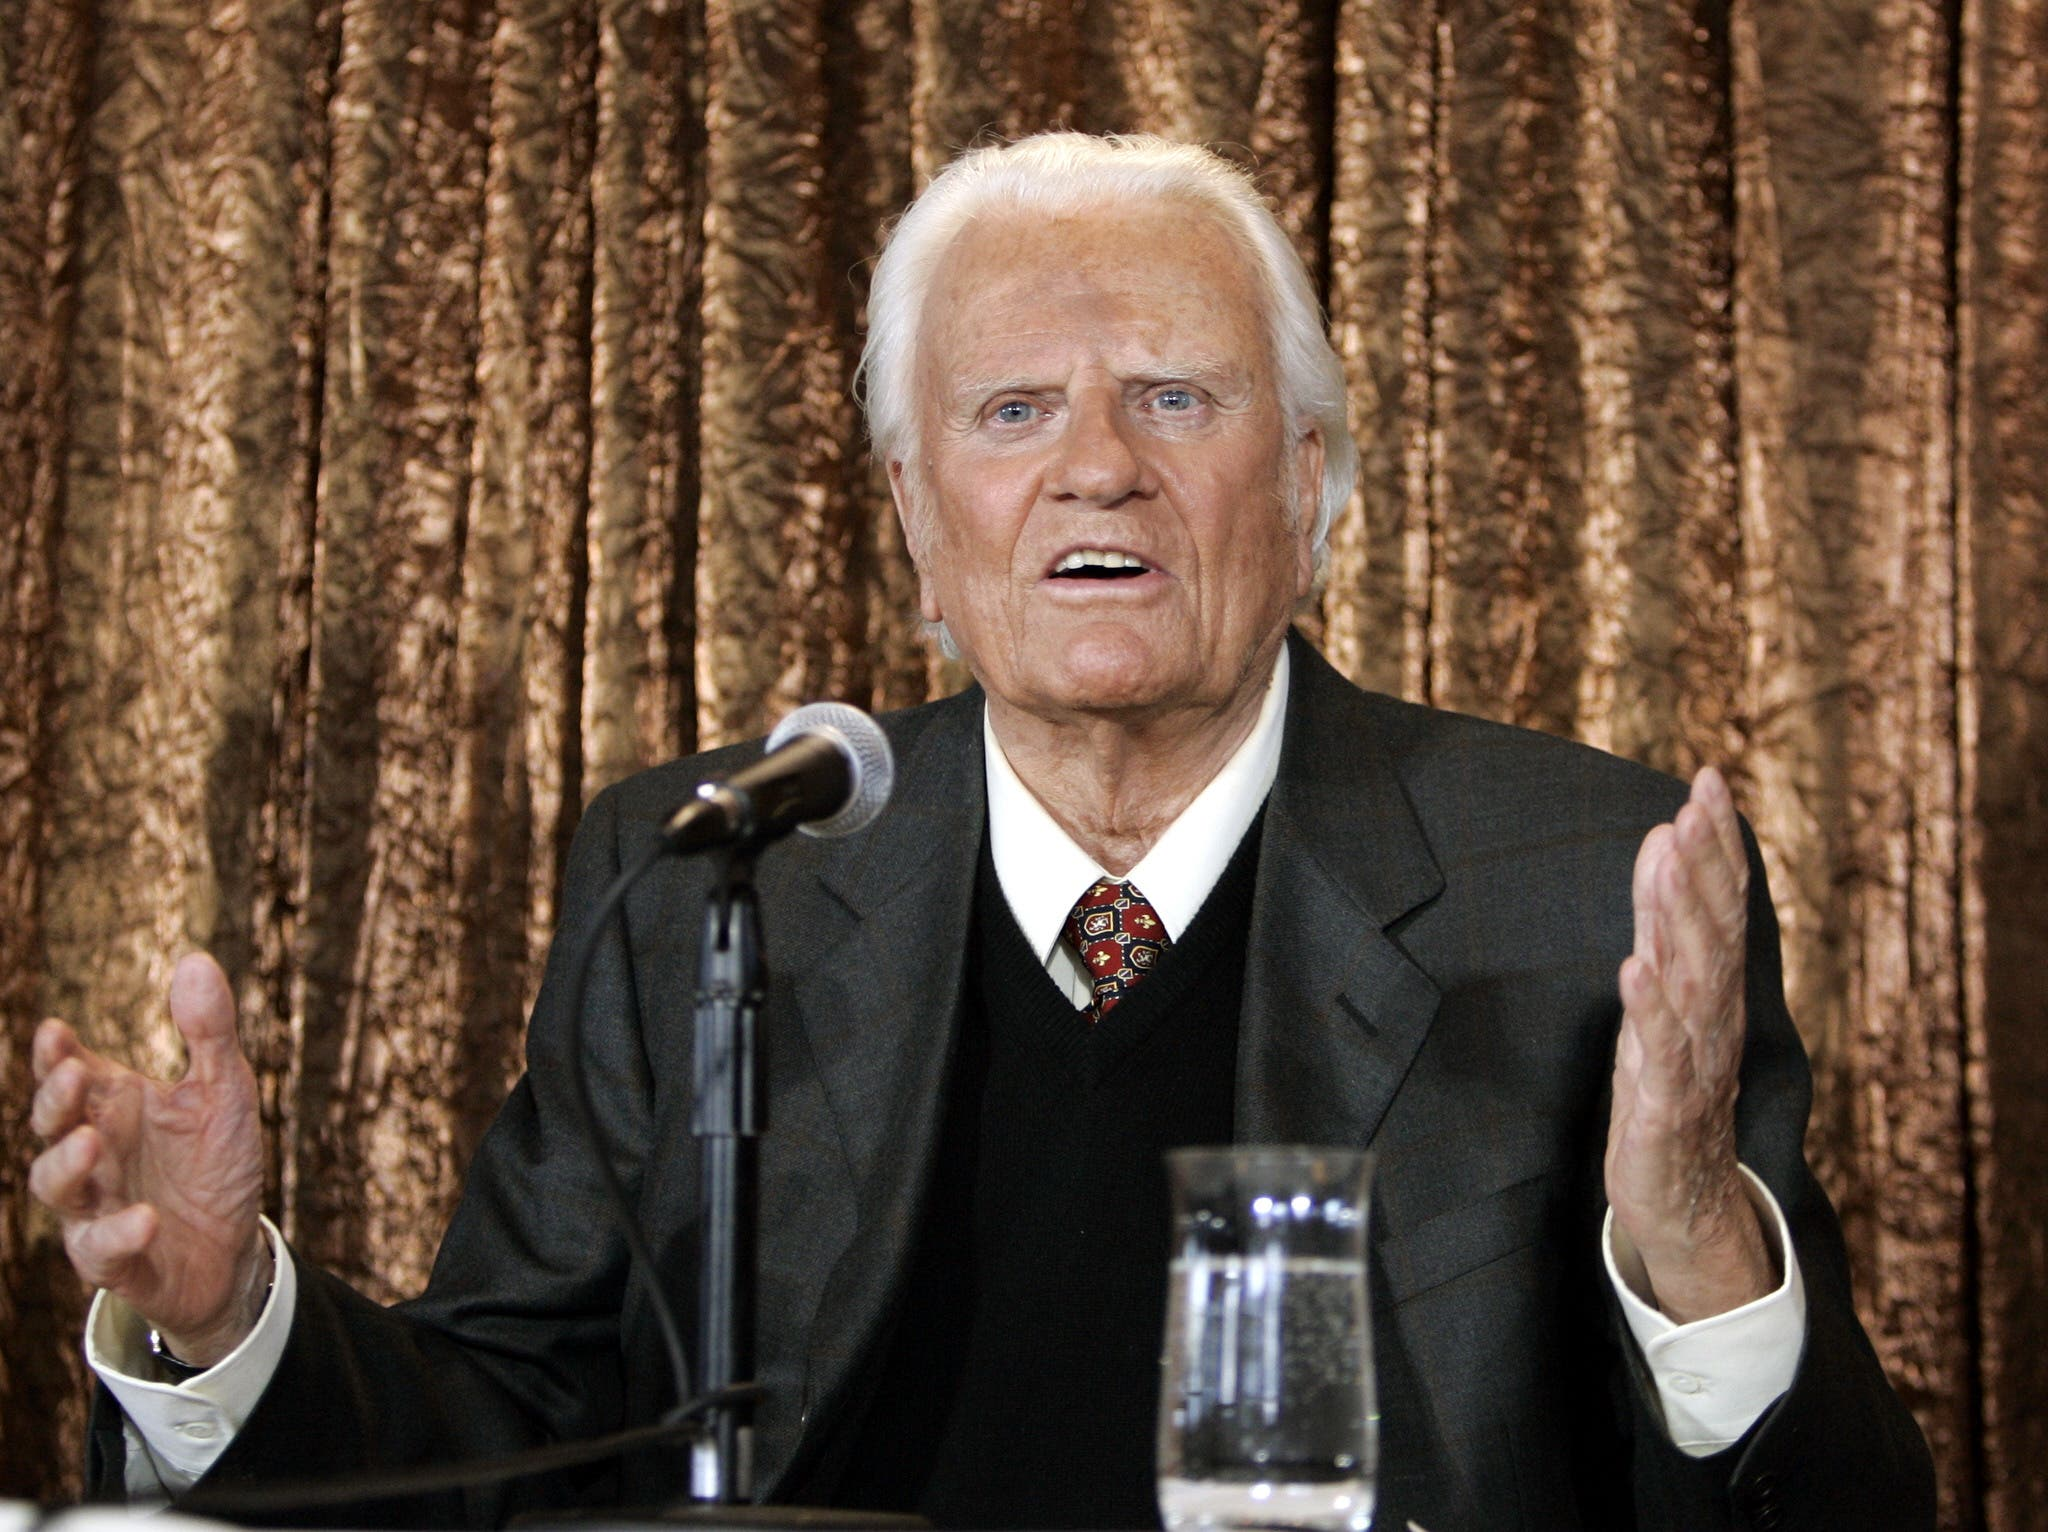 (Archivo)El evangelista Billy Graham murió en su casa en Carolina del Norte a los 99 años. / AFP / Timothy A. CLARY